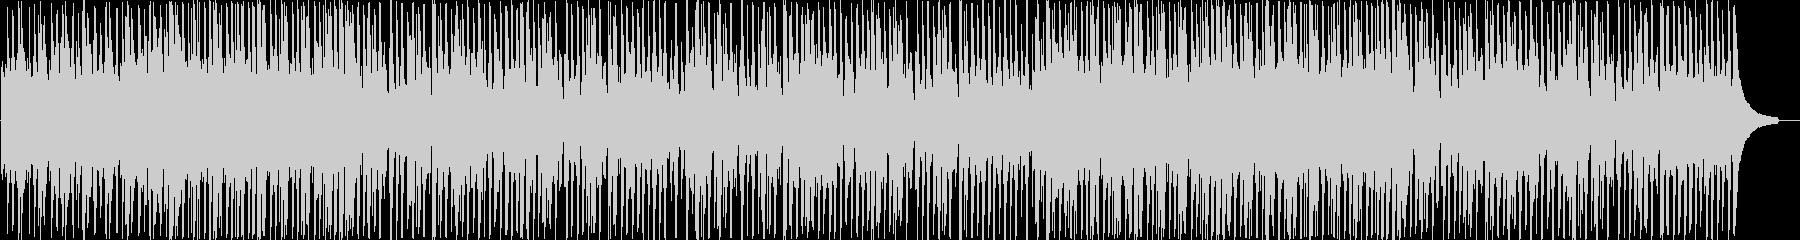 人気のポップ系コンセプトムービーBGMの未再生の波形